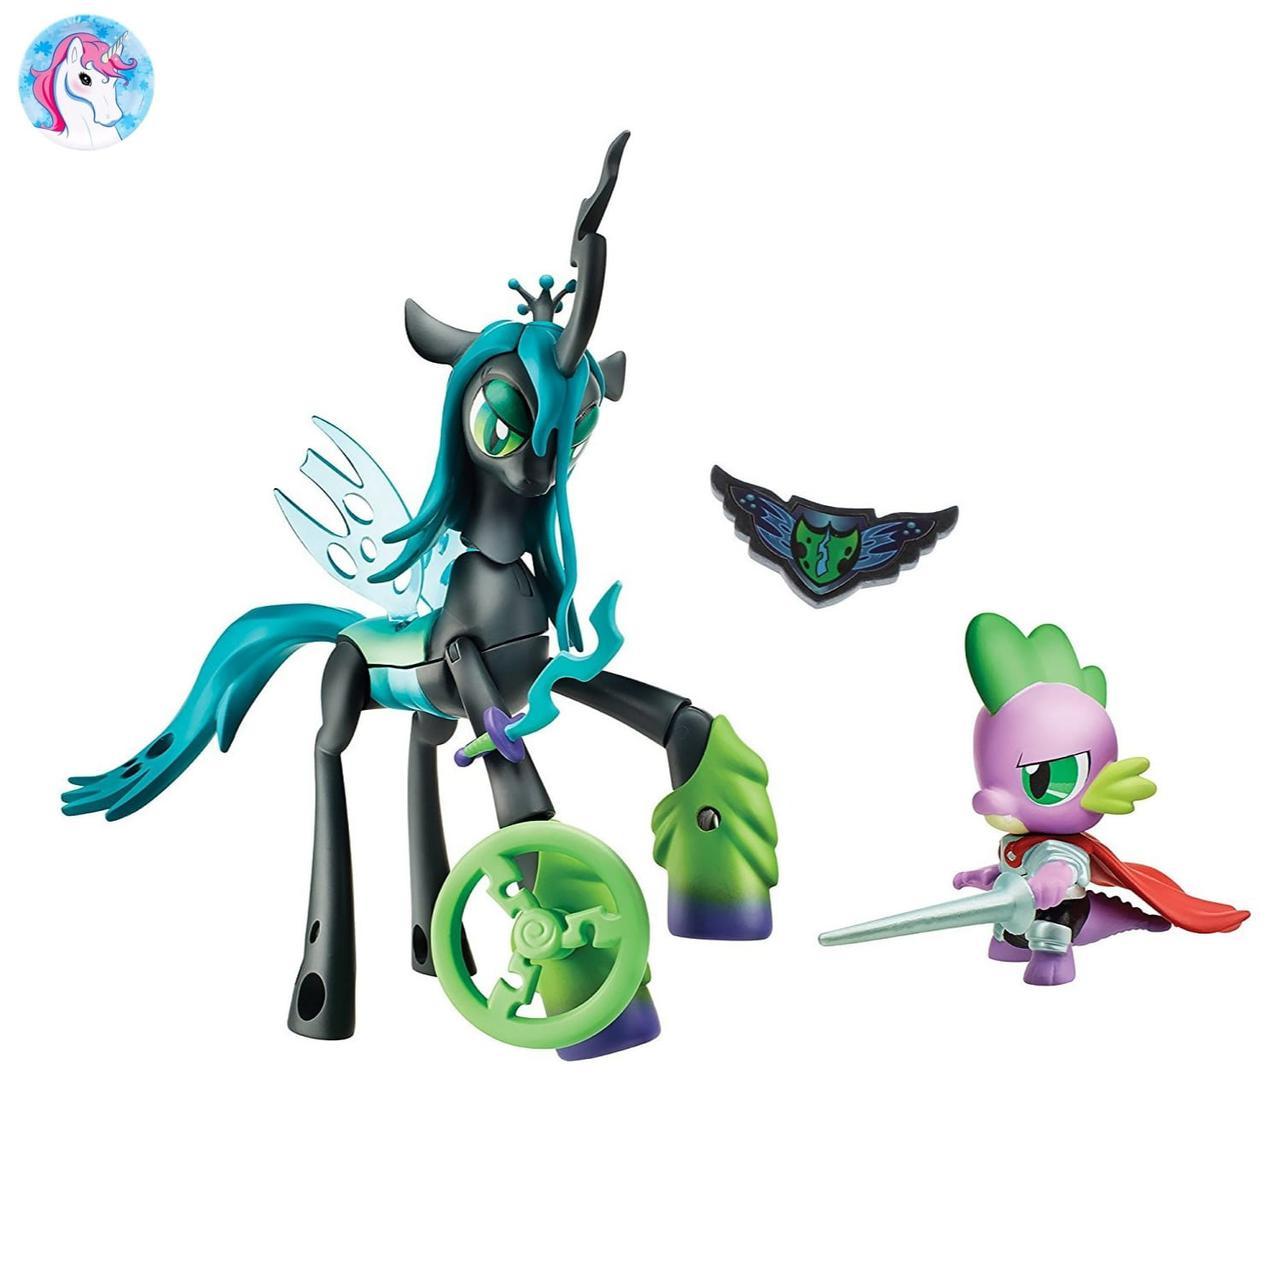 Игровой набор My Little Pony Королева Кризалис и дракончик Спайк серии  Стражи гармонии Guardians of Harmony 371cf2e5bef